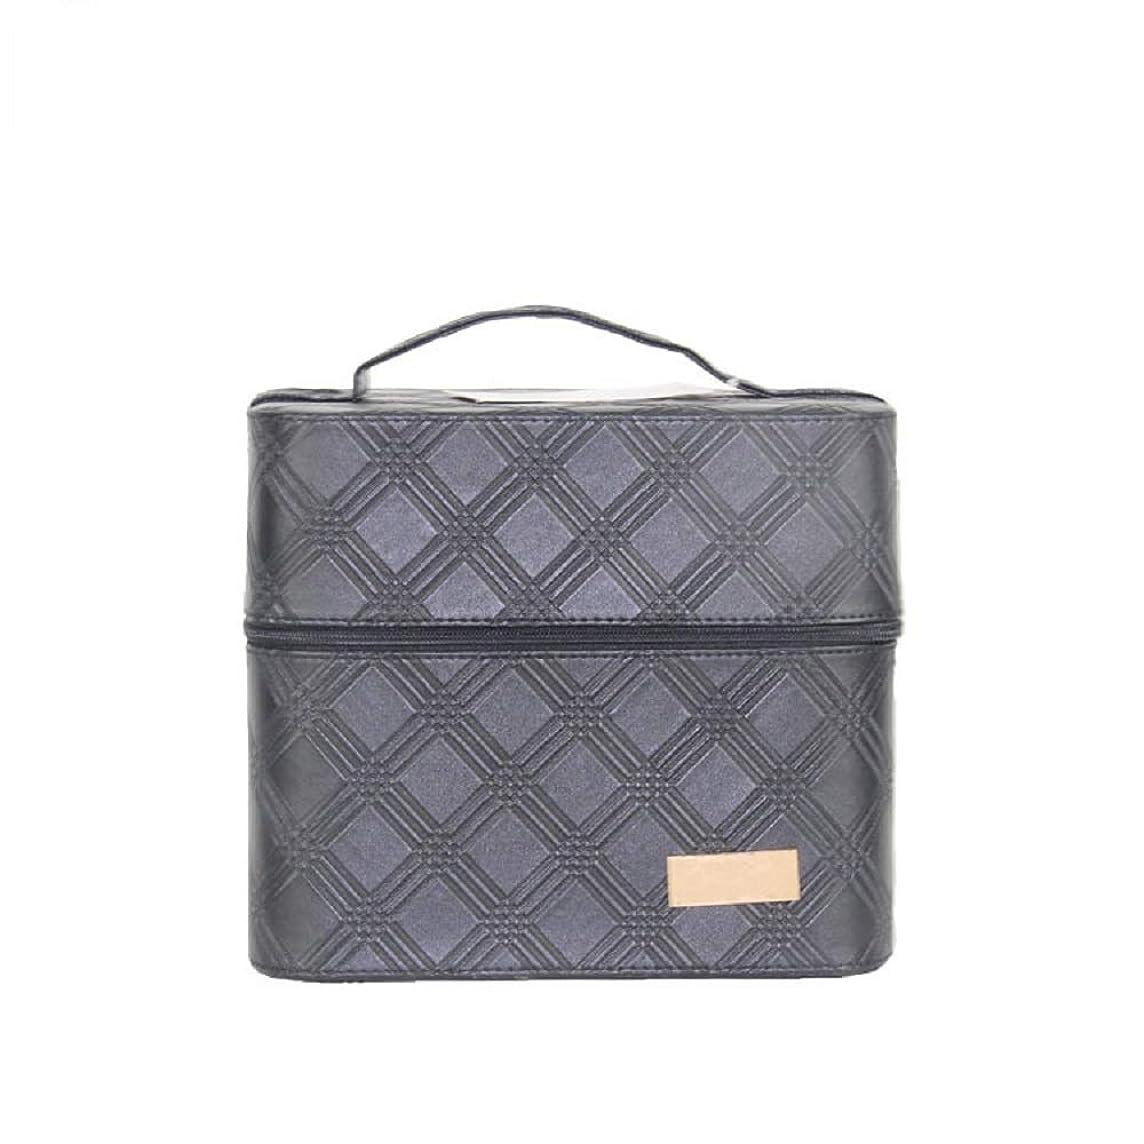 欺く冷える有罪化粧オーガナイザーバッグ ジッパーと2つのトレイで小さなものの種類の旅行のための美容メイクアップのための黒のポータブル化粧品バッグ 化粧品ケース